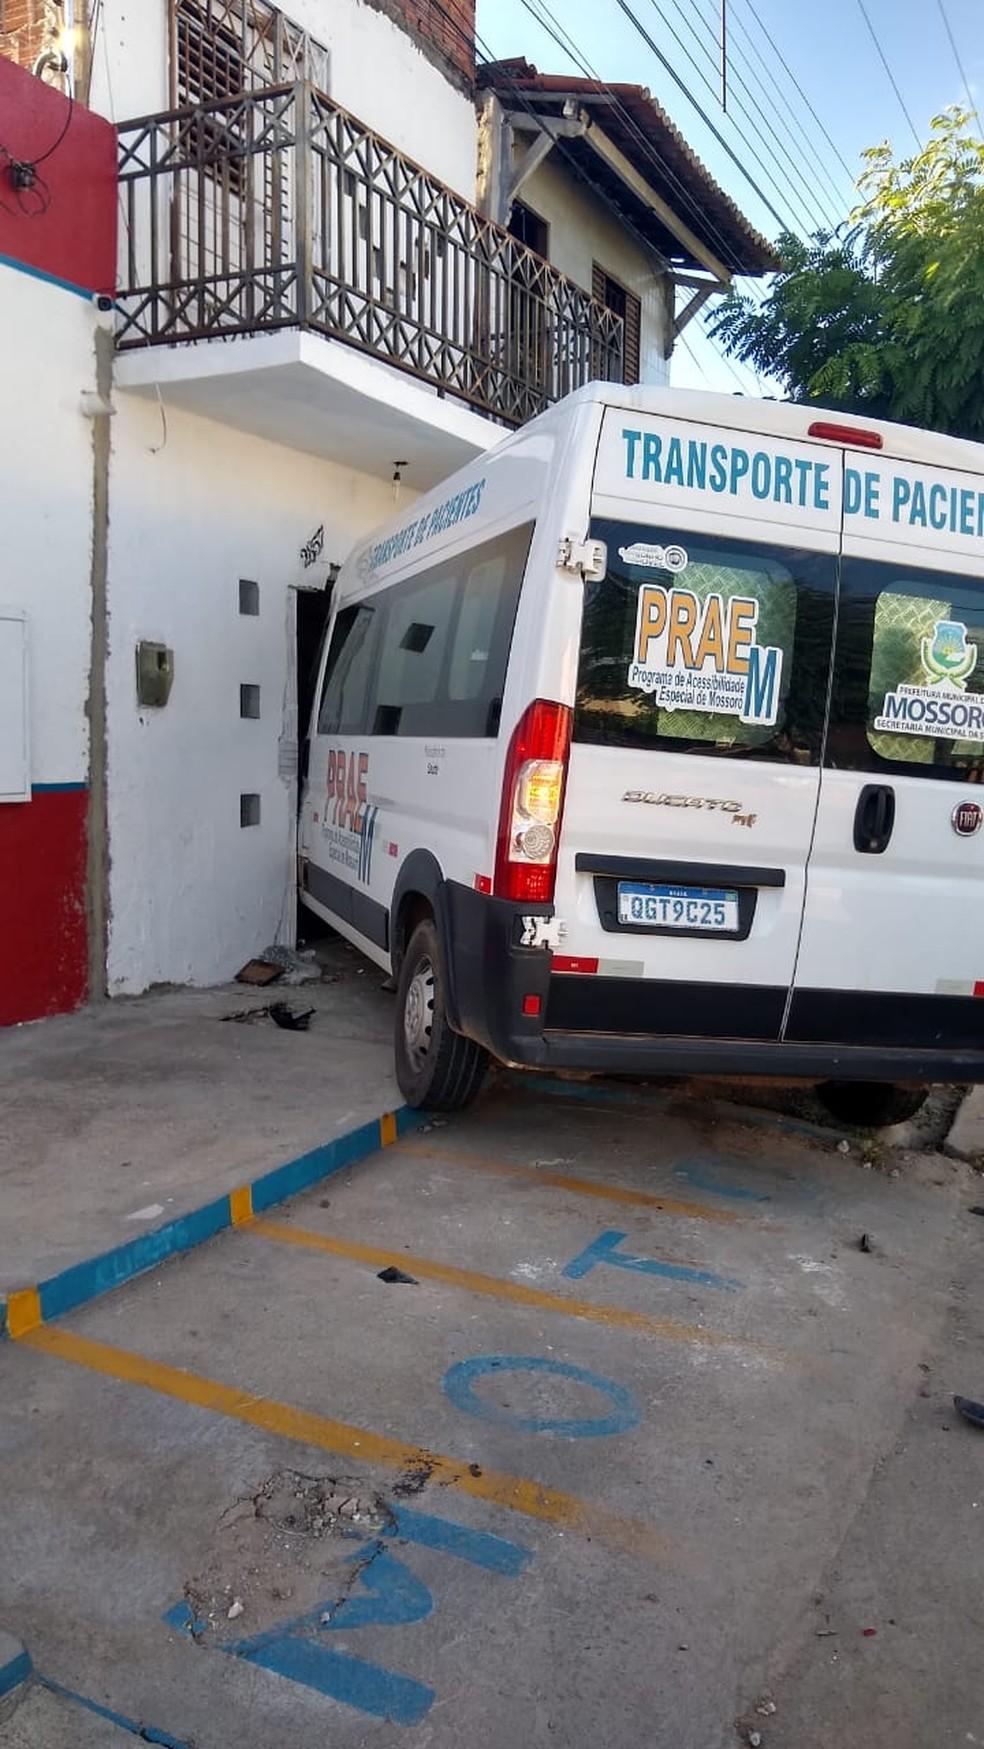 Van da secretaria de saúde de Mossoró, que transportava vacinas, bate em parede de residência neste domingo, 27 — Foto: Redes sociais